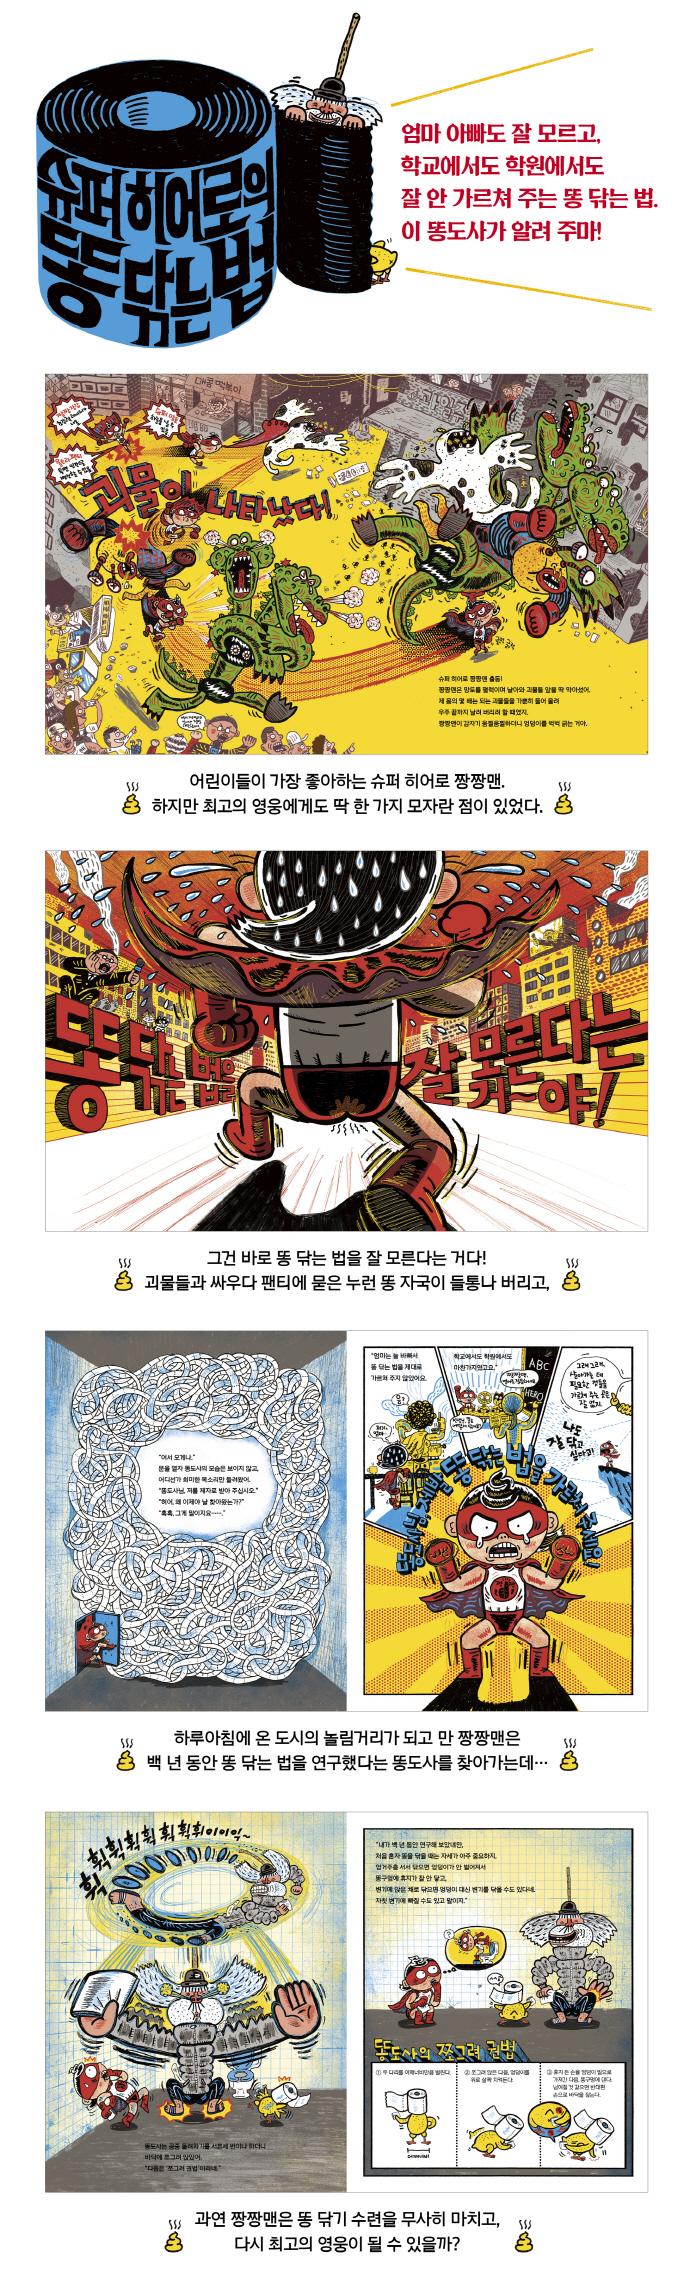 슈퍼 히어로의 똥 닦는 법(튼튼곰 7)(양장본 HardCover) 도서 상세이미지